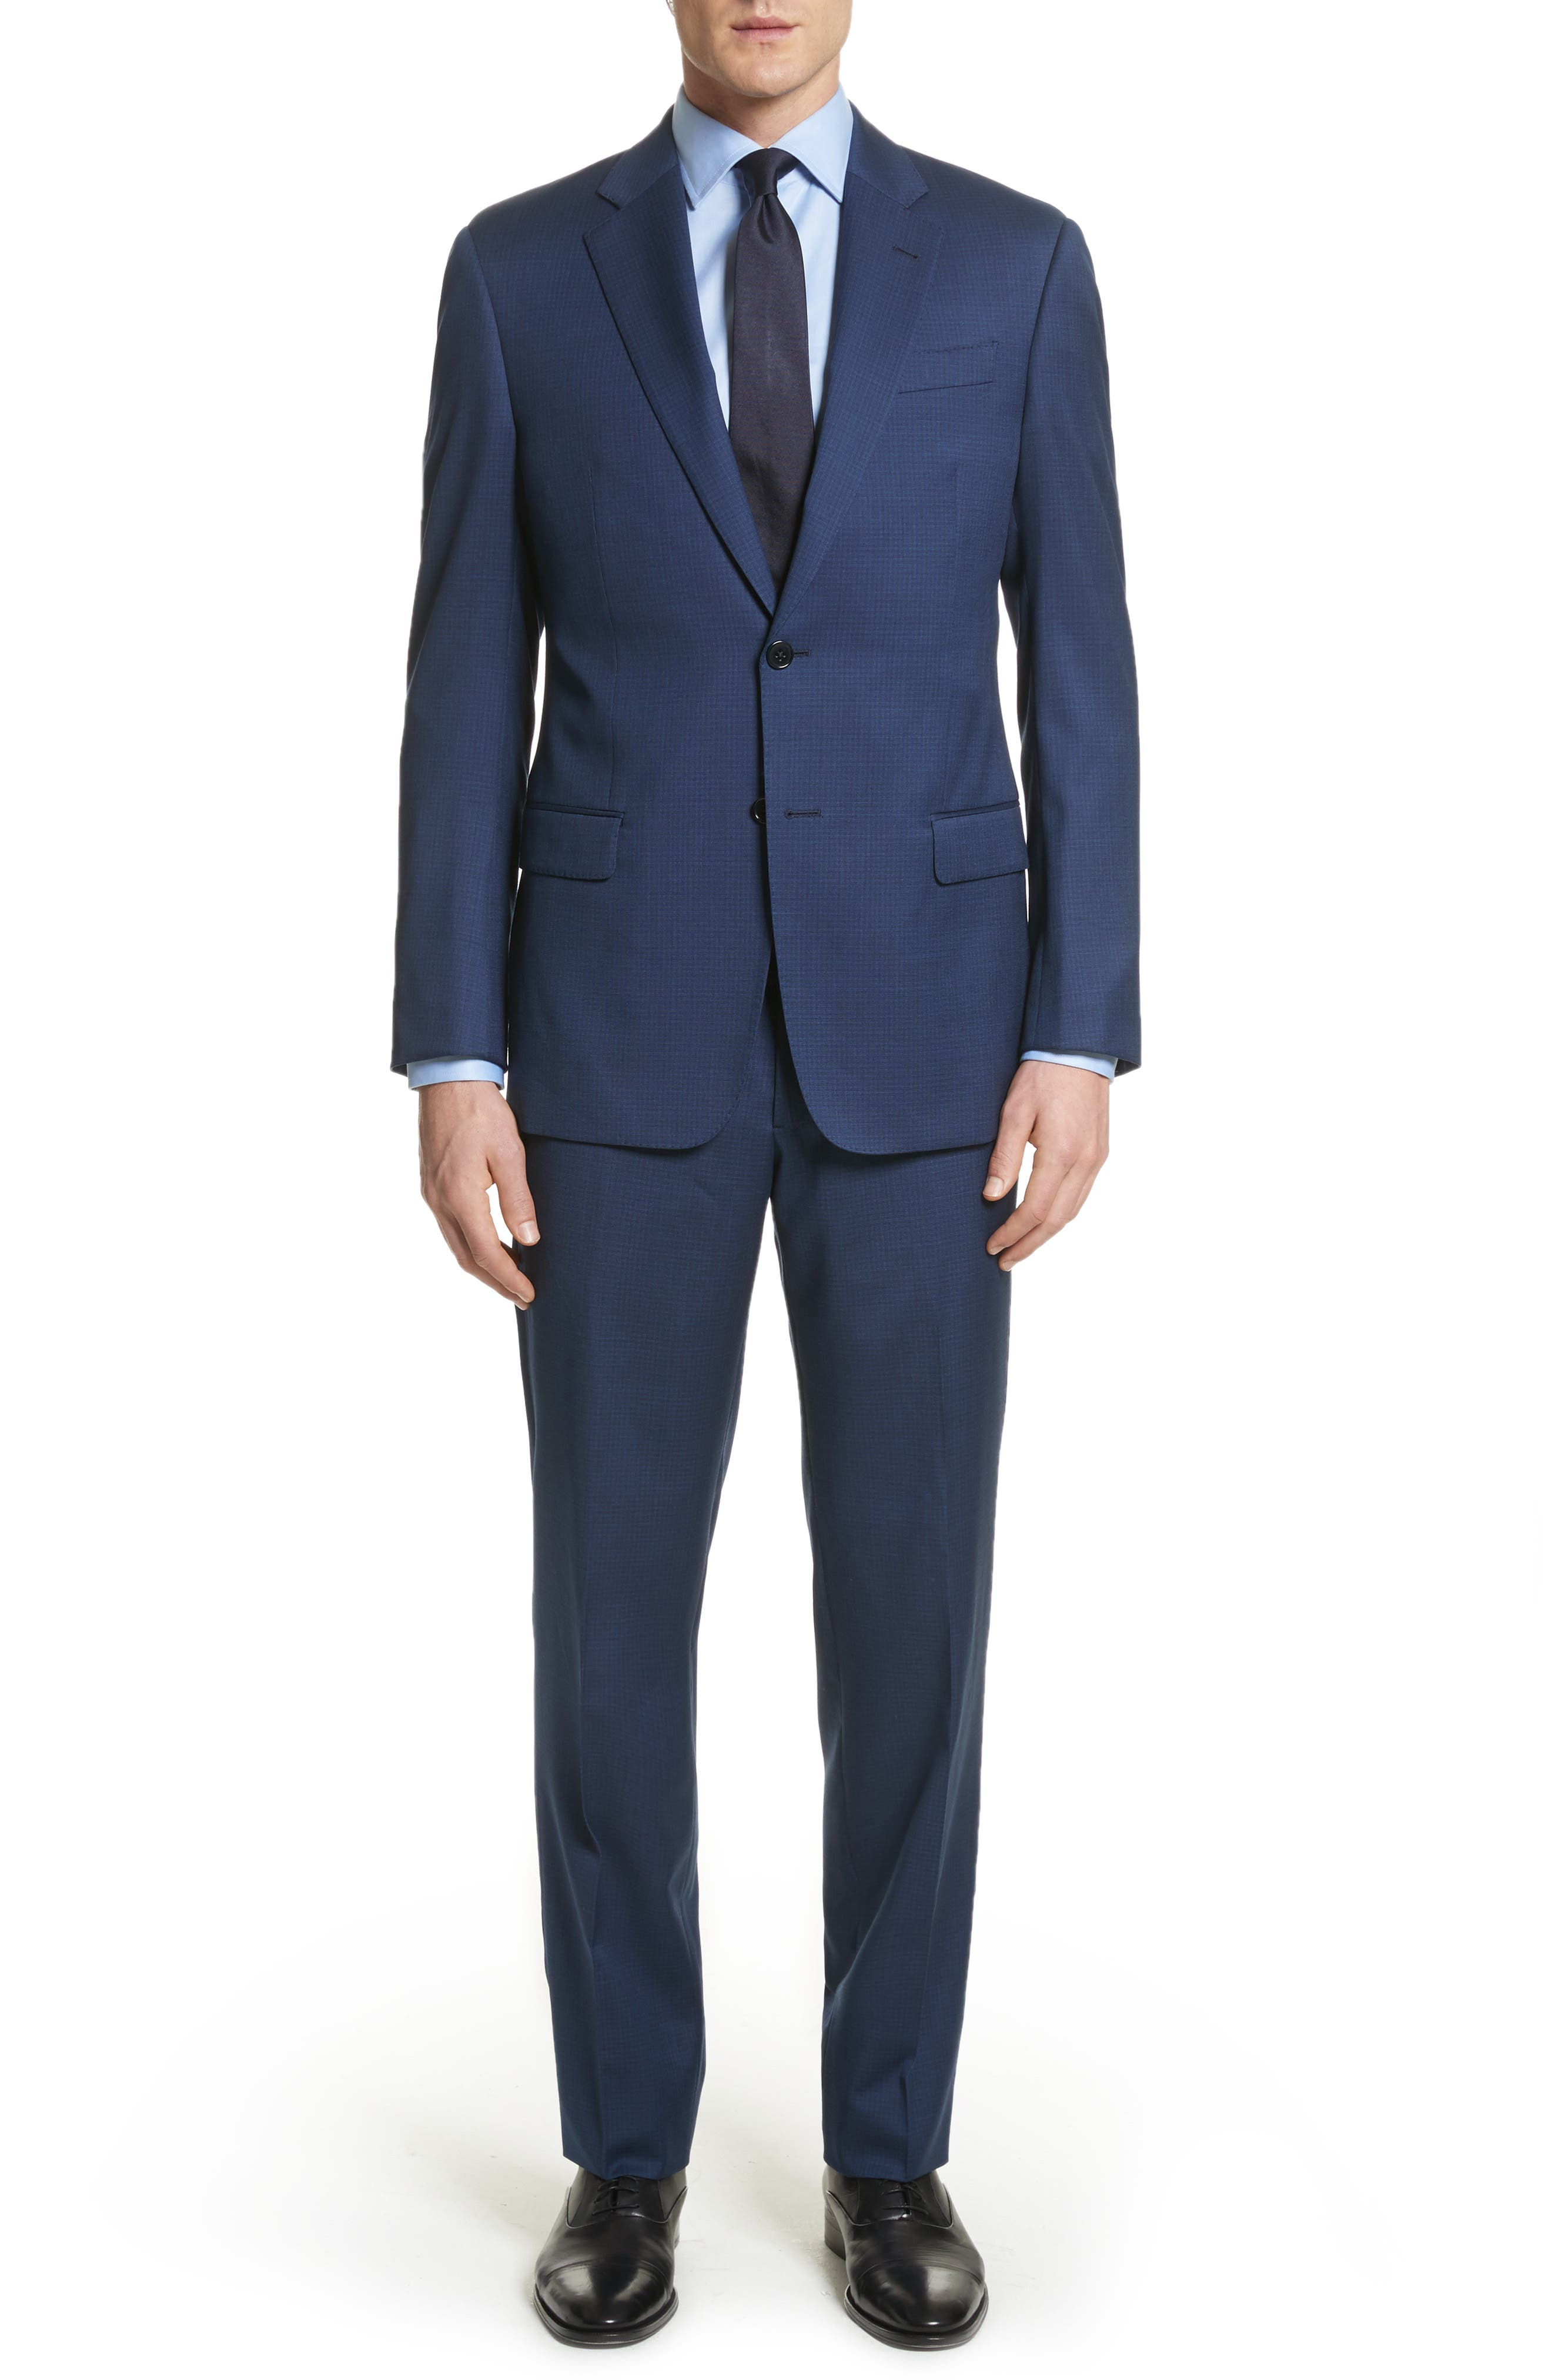 G Line Trim Fit Check Wool Suit,                             Main thumbnail 1, color,                             Navy